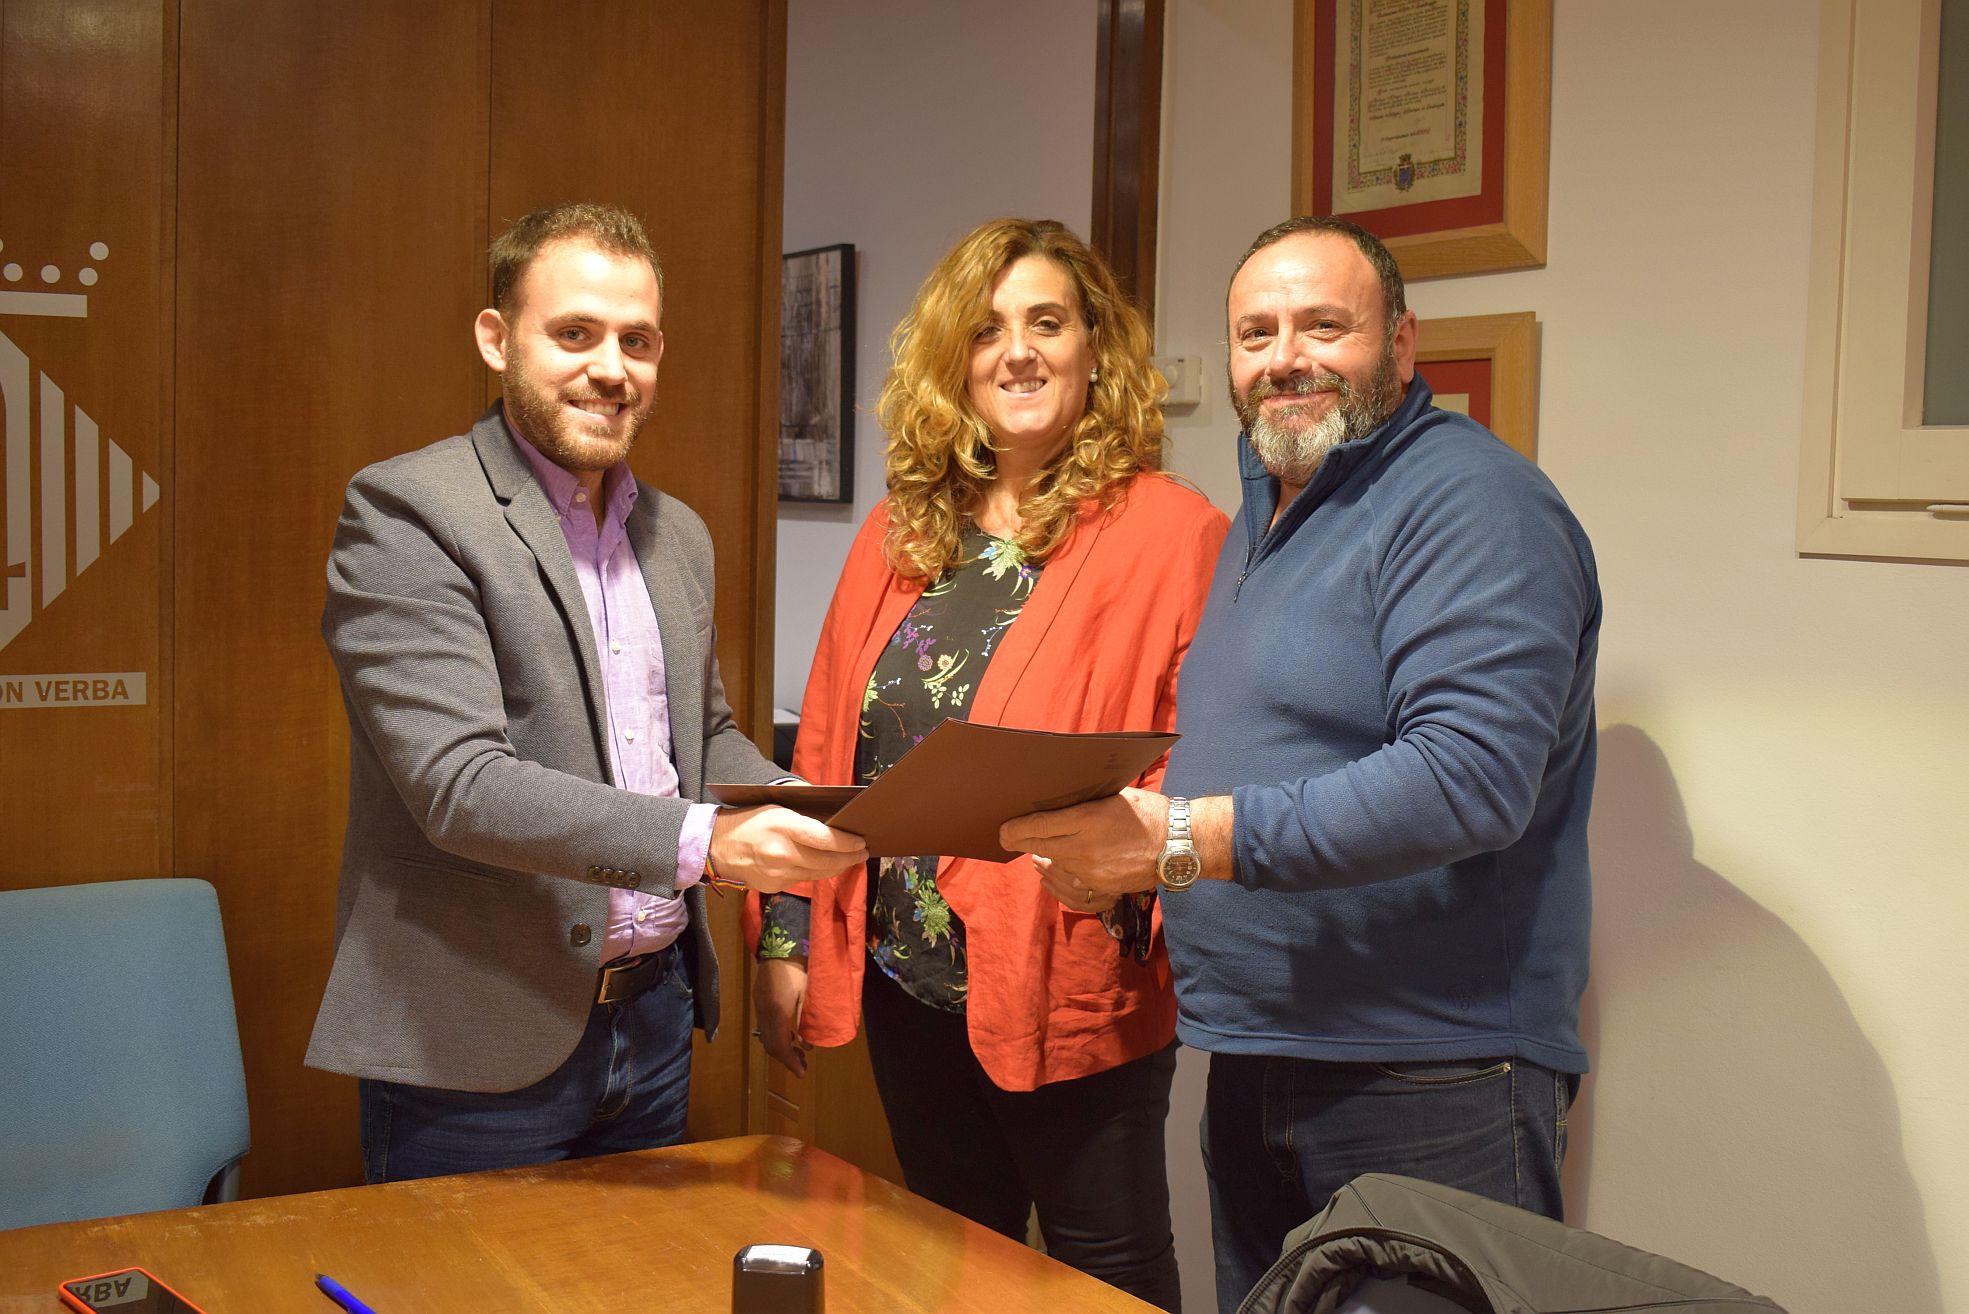 Intercanvi dels documents signats